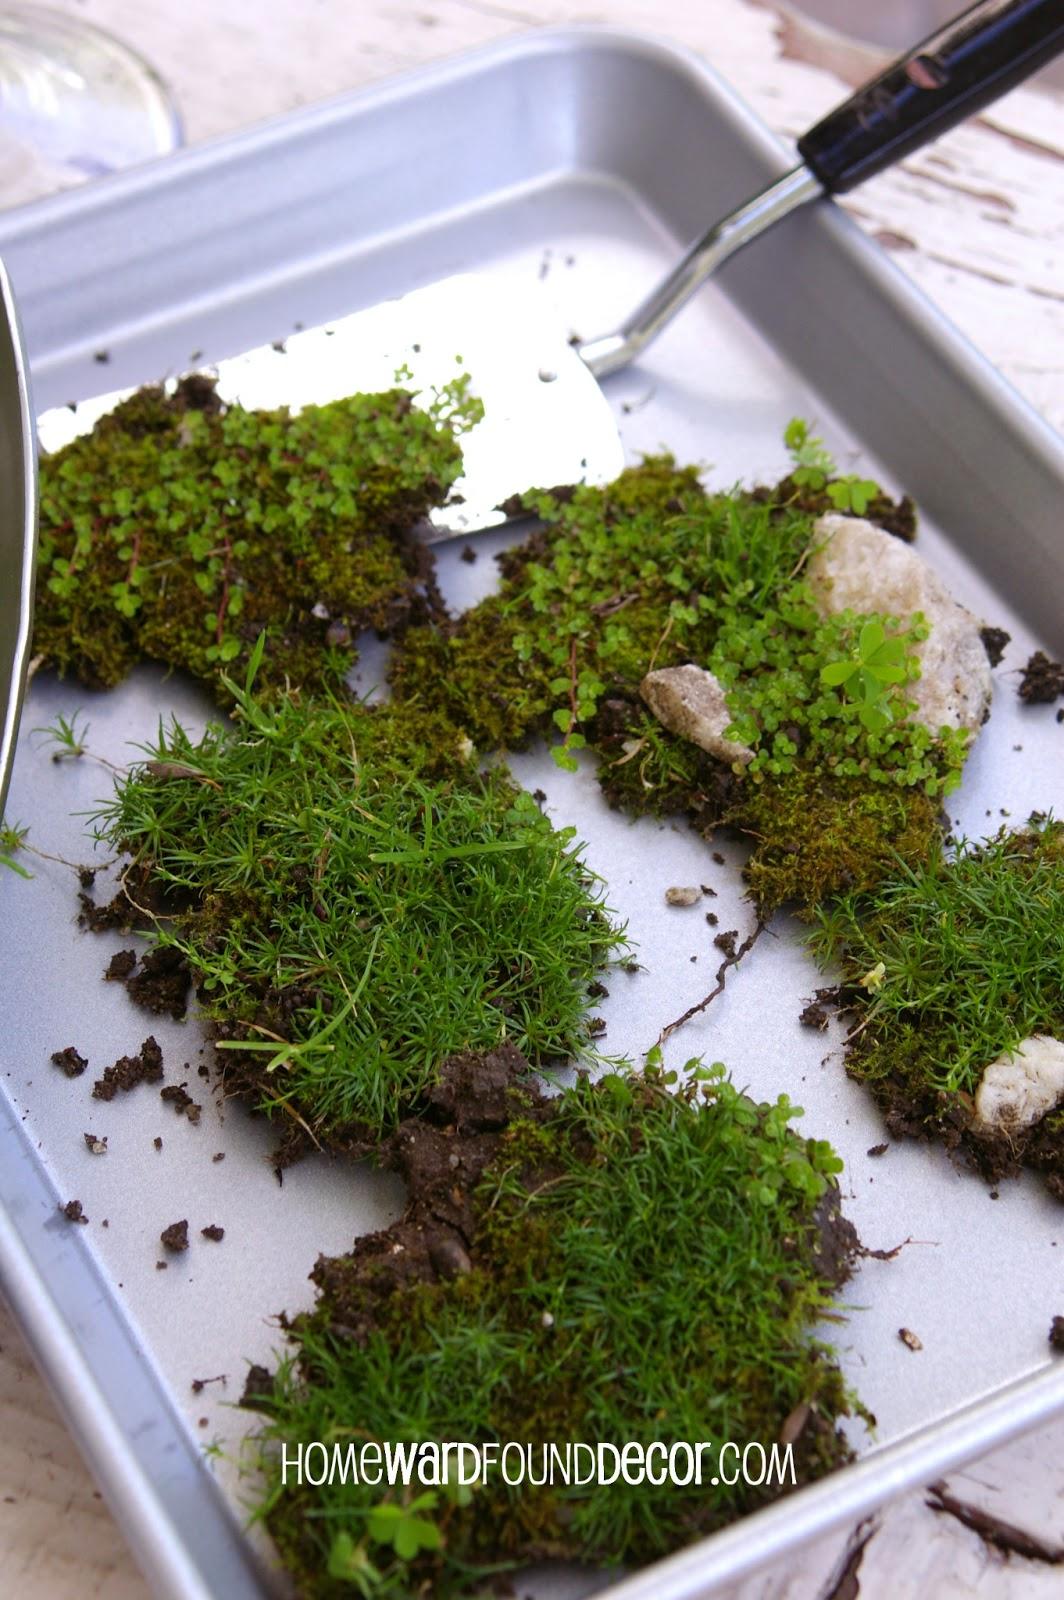 How To Make A Free Moss Terrarium Homewardfound Decor